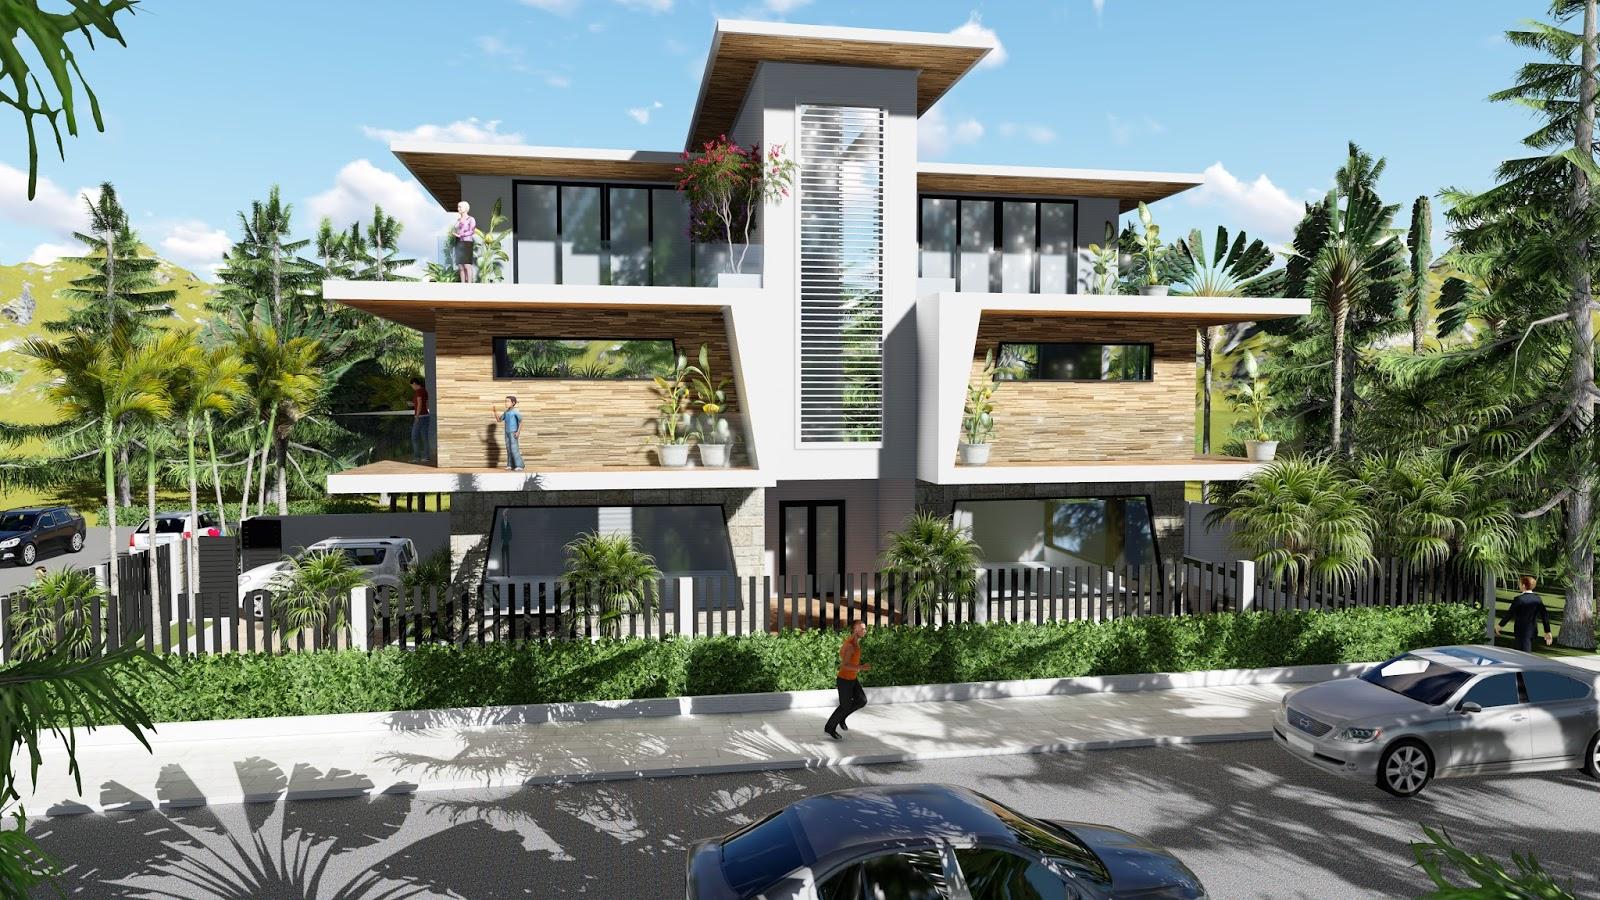 Sketchup modeling modern vila design 06 lumion render sam architect - Modern vila design ...